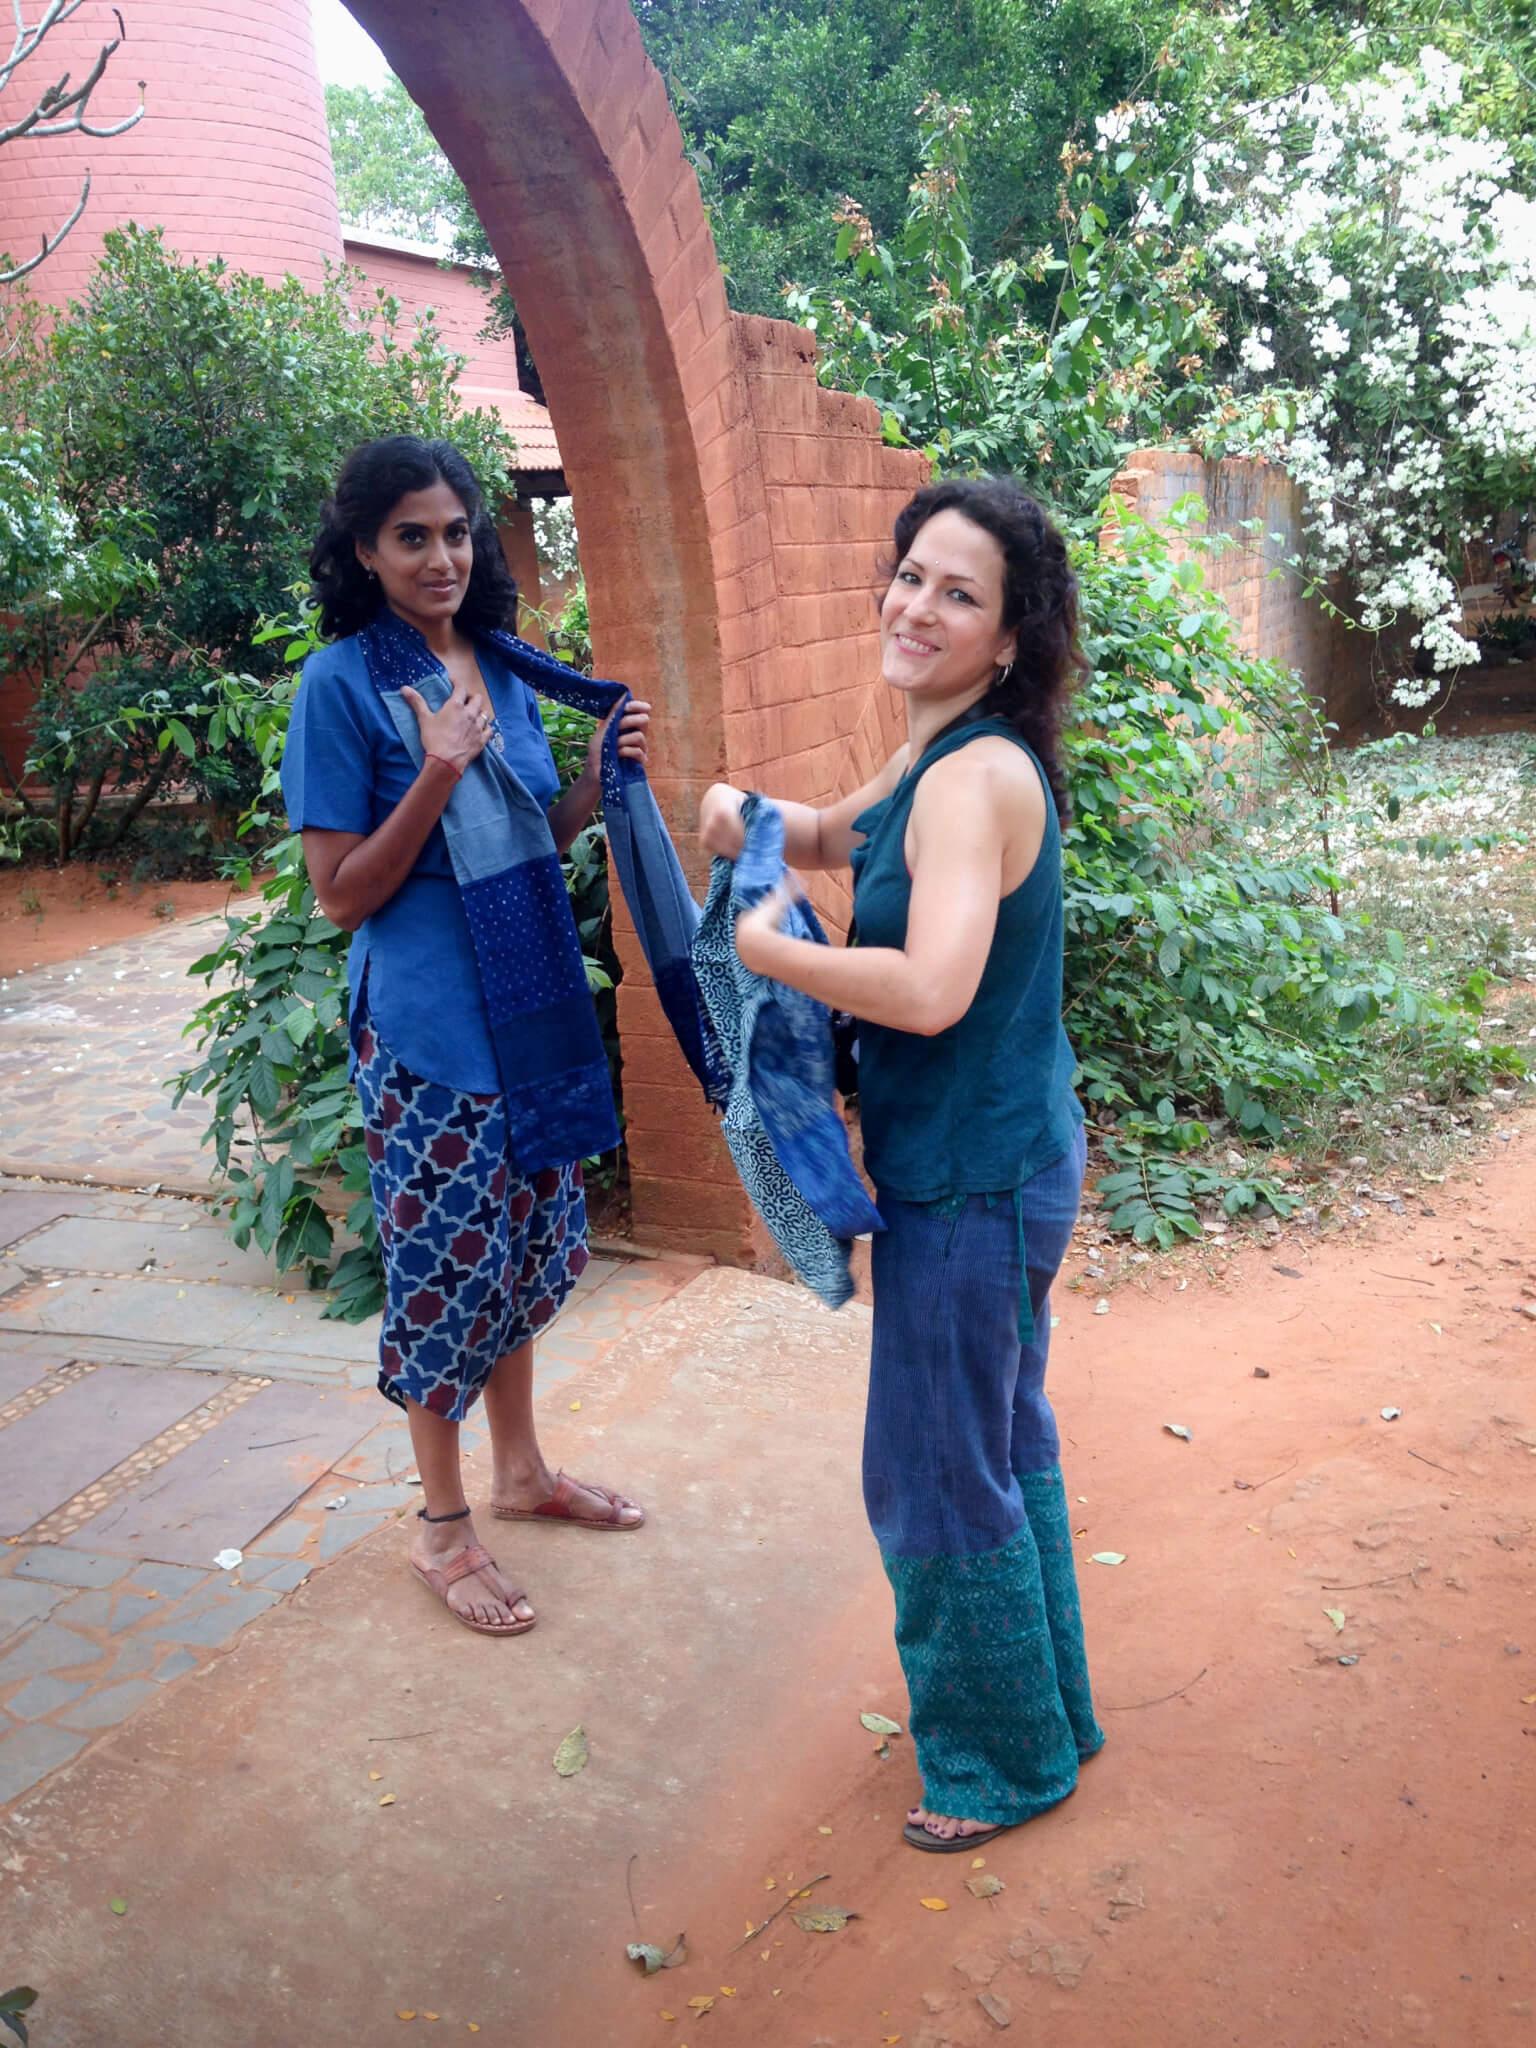 Melissa de valera at work at Takla Makan in Auroville